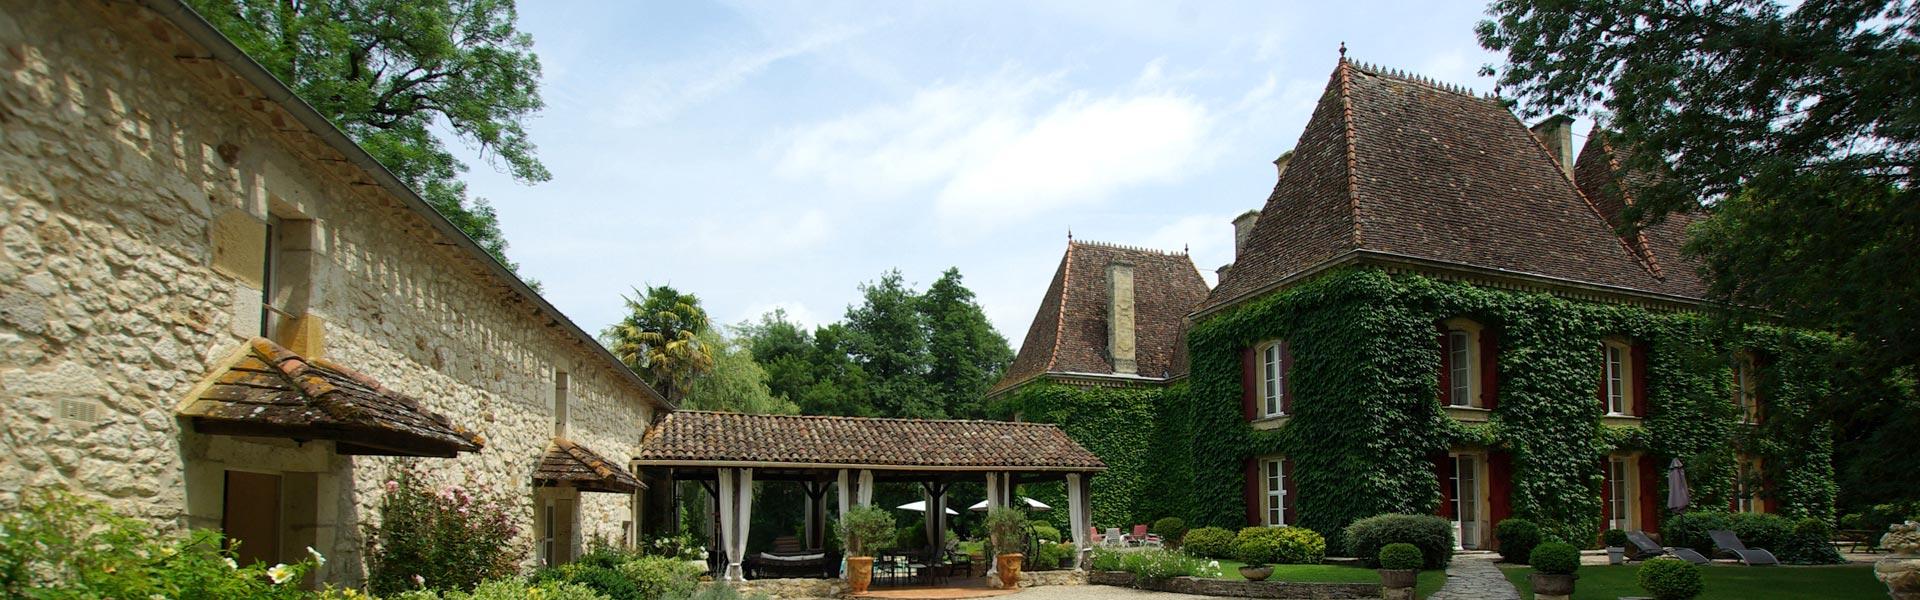 Château de famille du XIX ème siècle - propriété exceptionnelle